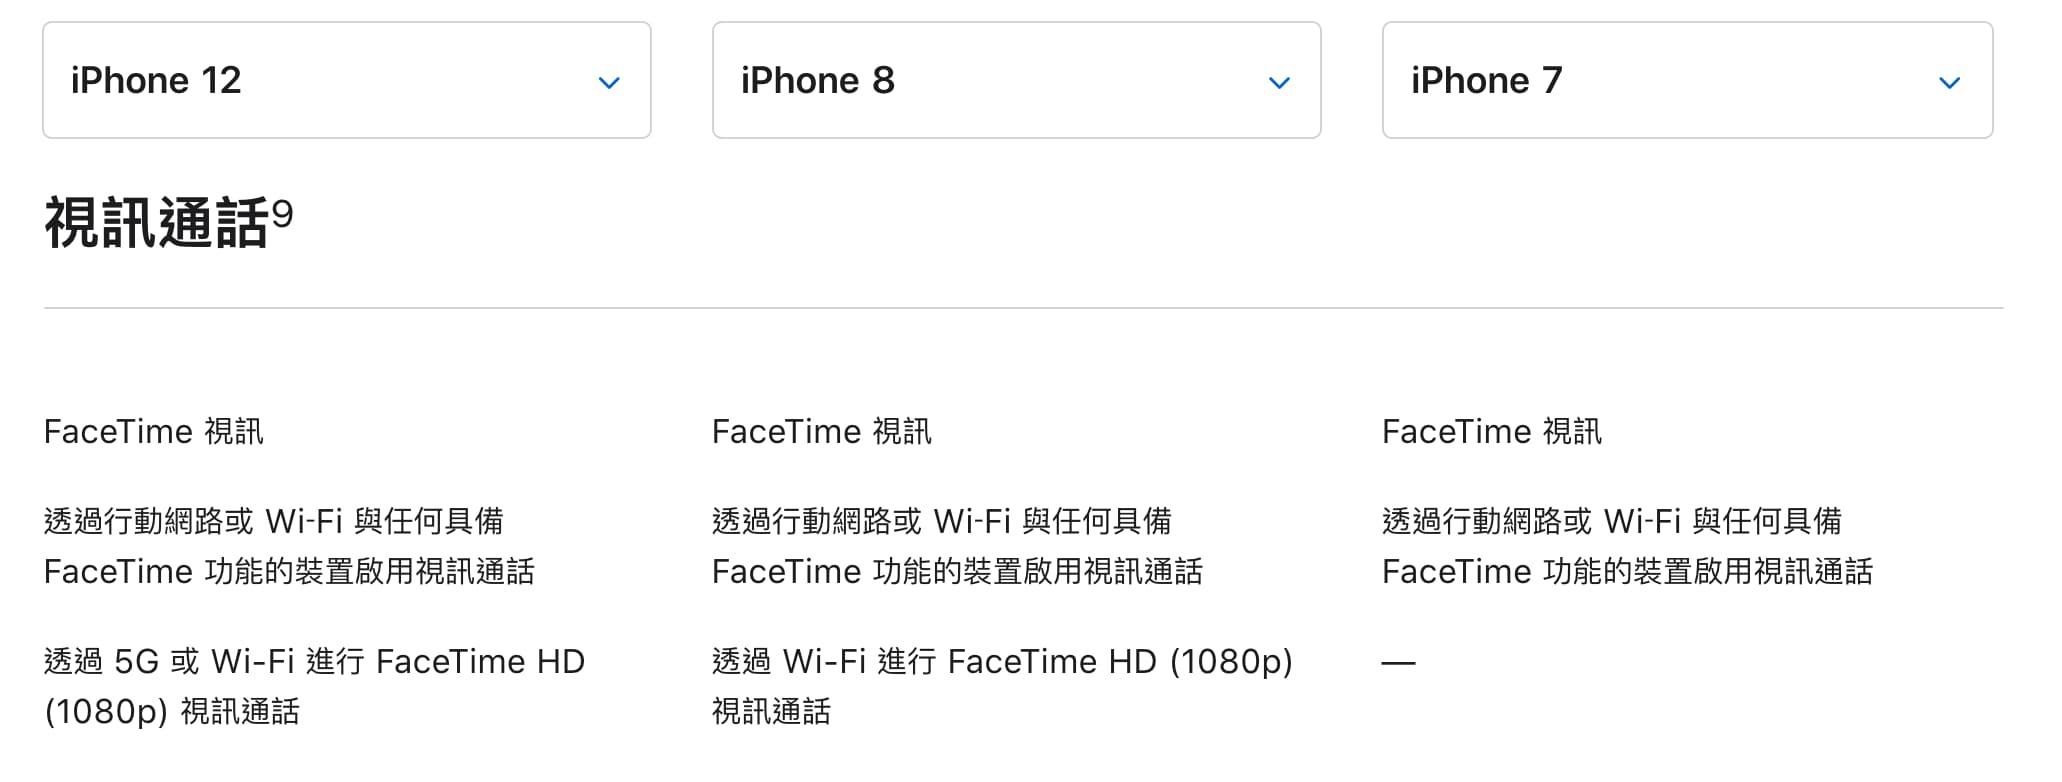 iOS 14.2 支援FaceTime HD 1080p 視訊通話,限舊iPhone 機型1